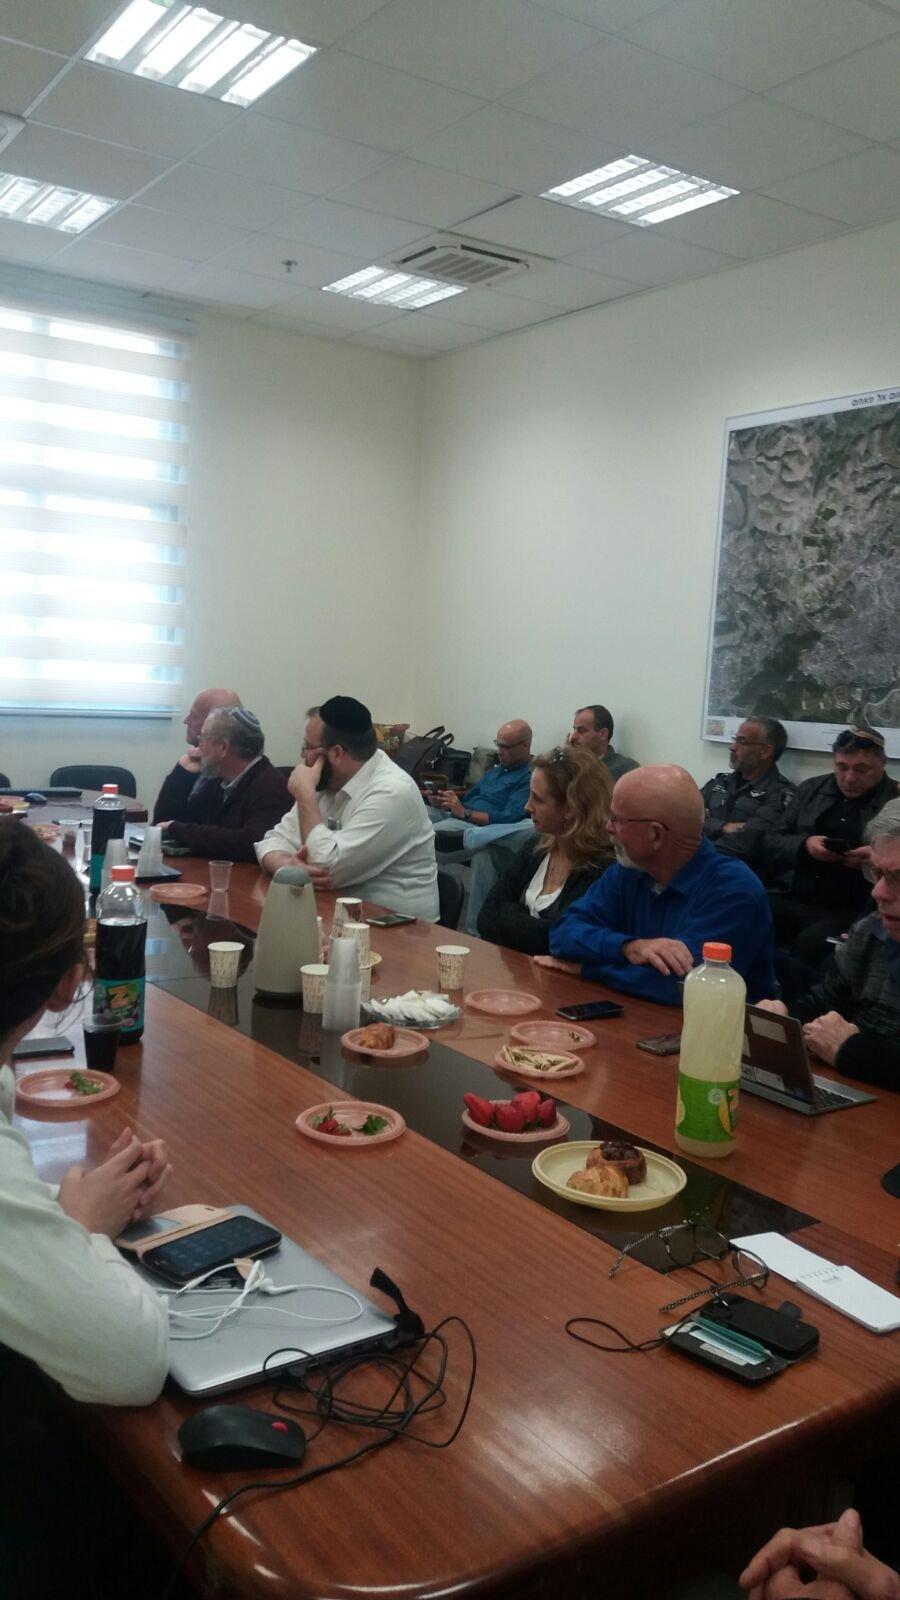 وفد رفيع المستوى من وزارة حماية البيئة يحل ضيفاً على وحدة البيئة في بلدية ام الفحم والمثلث الشمالي